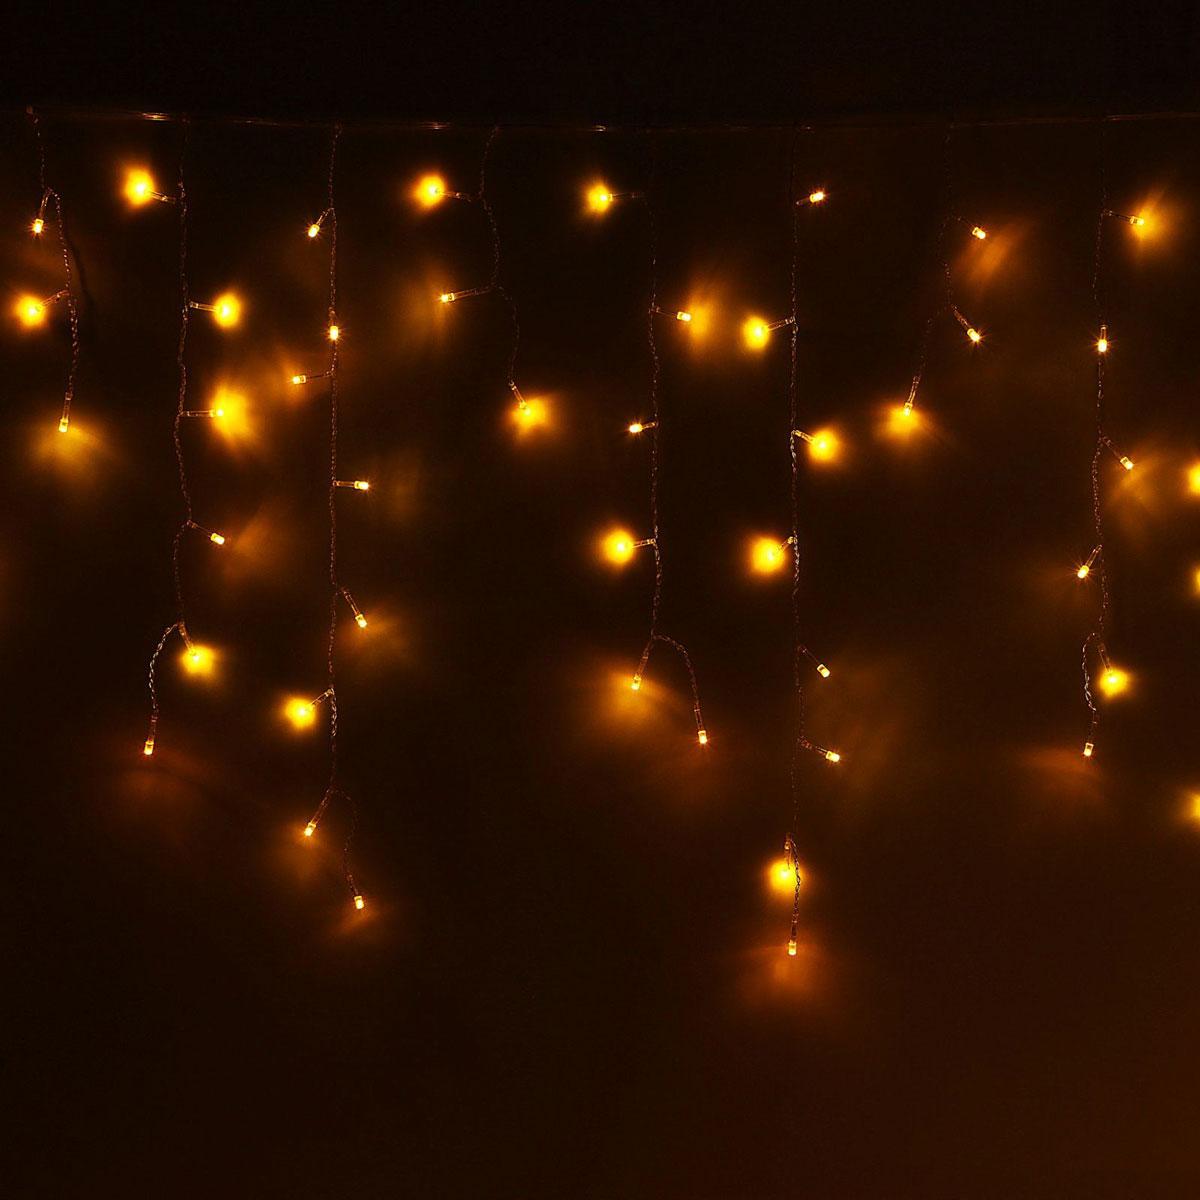 Гирлянда светодиодная Luazon Бахрома, 8 режимов, 299 ламп, 220 V, цвет: желтый, 5,2 х 0,6 м. 10804241080424Светодиодные гирлянды, ленты и т.д — это отличный вариант для новогоднего оформления интерьера или фасада. С их помощью помещение любого размера можно превратить в праздничный зал, а внешние элементы зданий, украшенные ими, мгновенно станут напоминать очертания сказочного дворца. Такие украшения создают ауру предвкушения чуда. Деревья, фасады, витрины, окна и арки будто специально созданы, чтобы вы украсили их светящимися нитями.